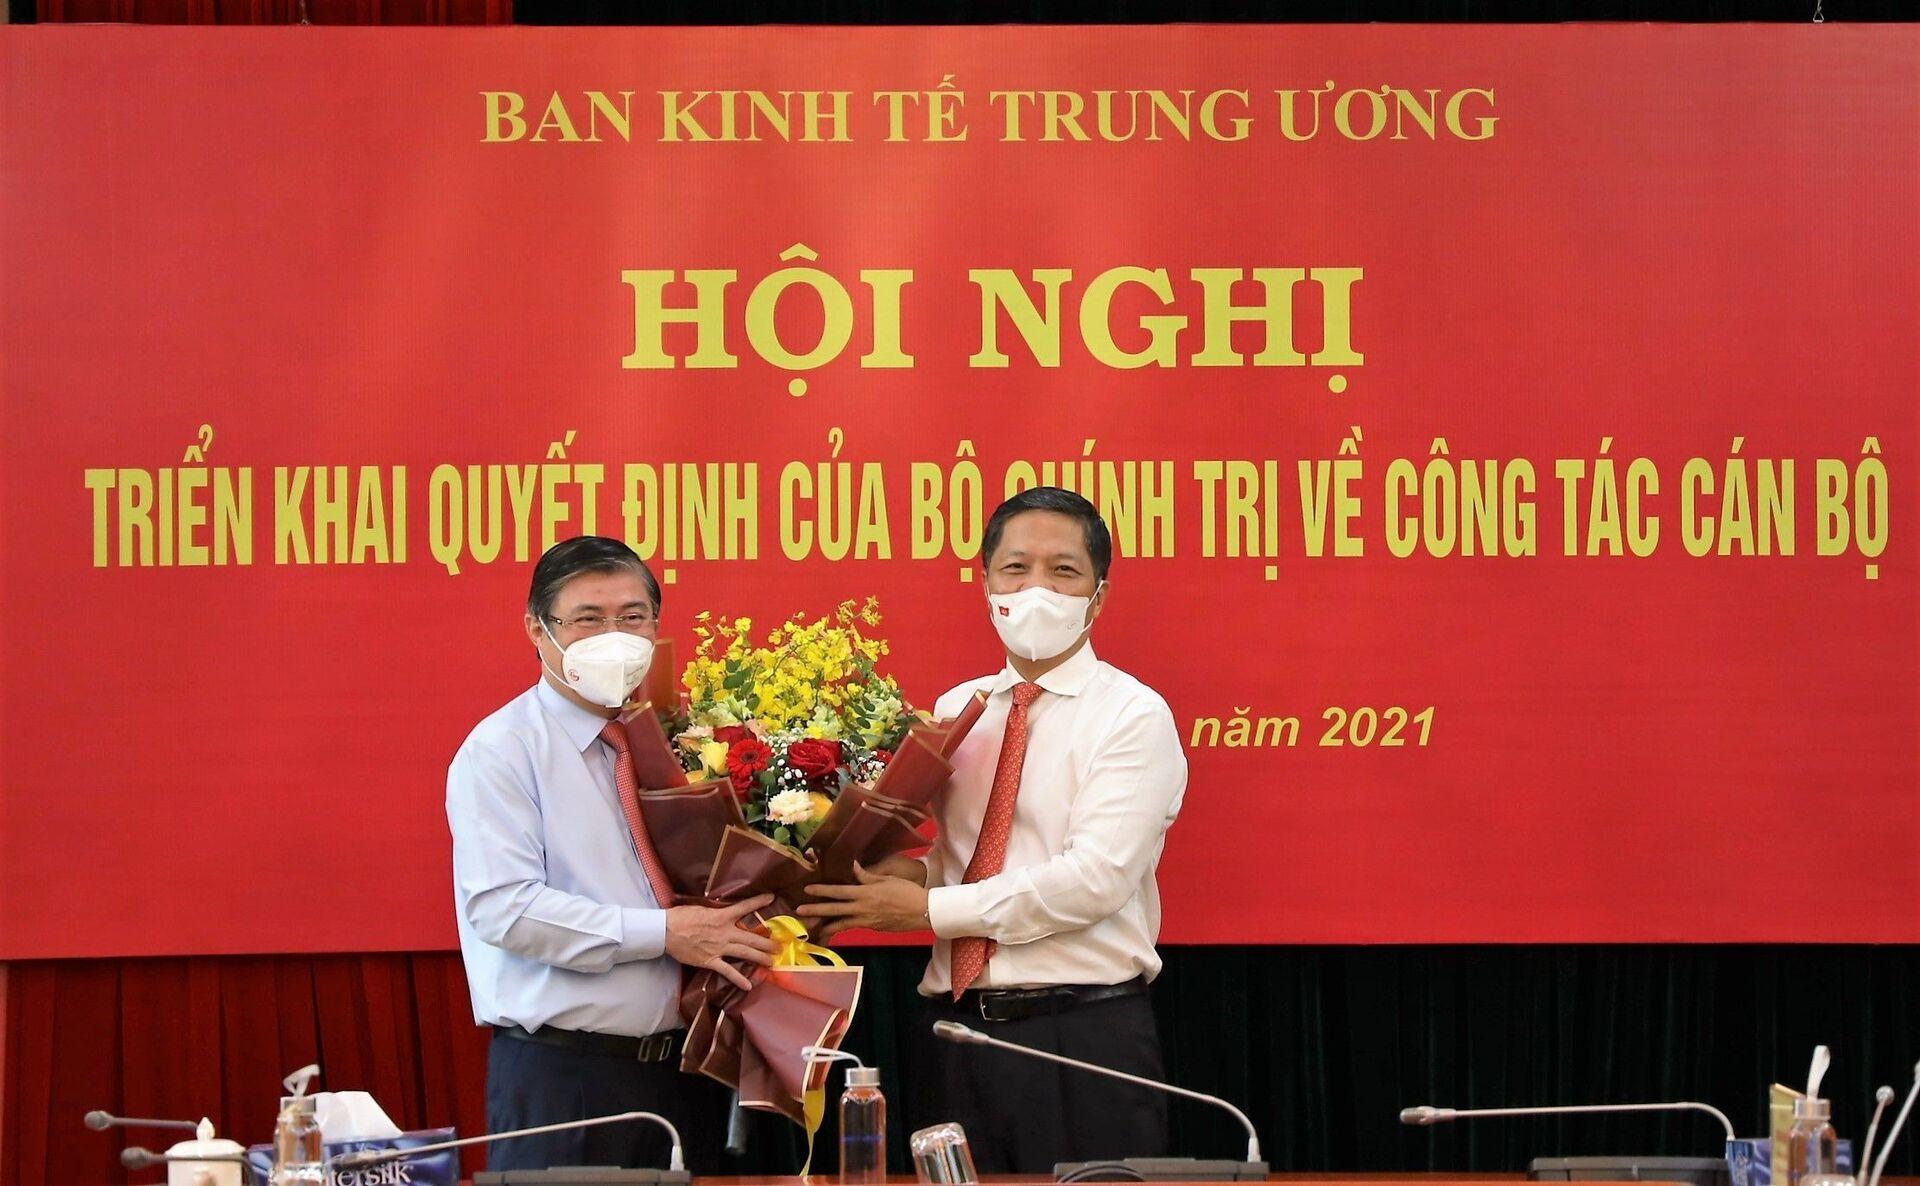 Đồng chí Trần Tuấn Anh, Uỷ viên Bộ Chính trị, Trưởng Ban Kinh tế Trung ương trao quyết định cho đồng chí Nguyễn Thành Phong. - Sputnik Việt Nam, 1920, 05.10.2021